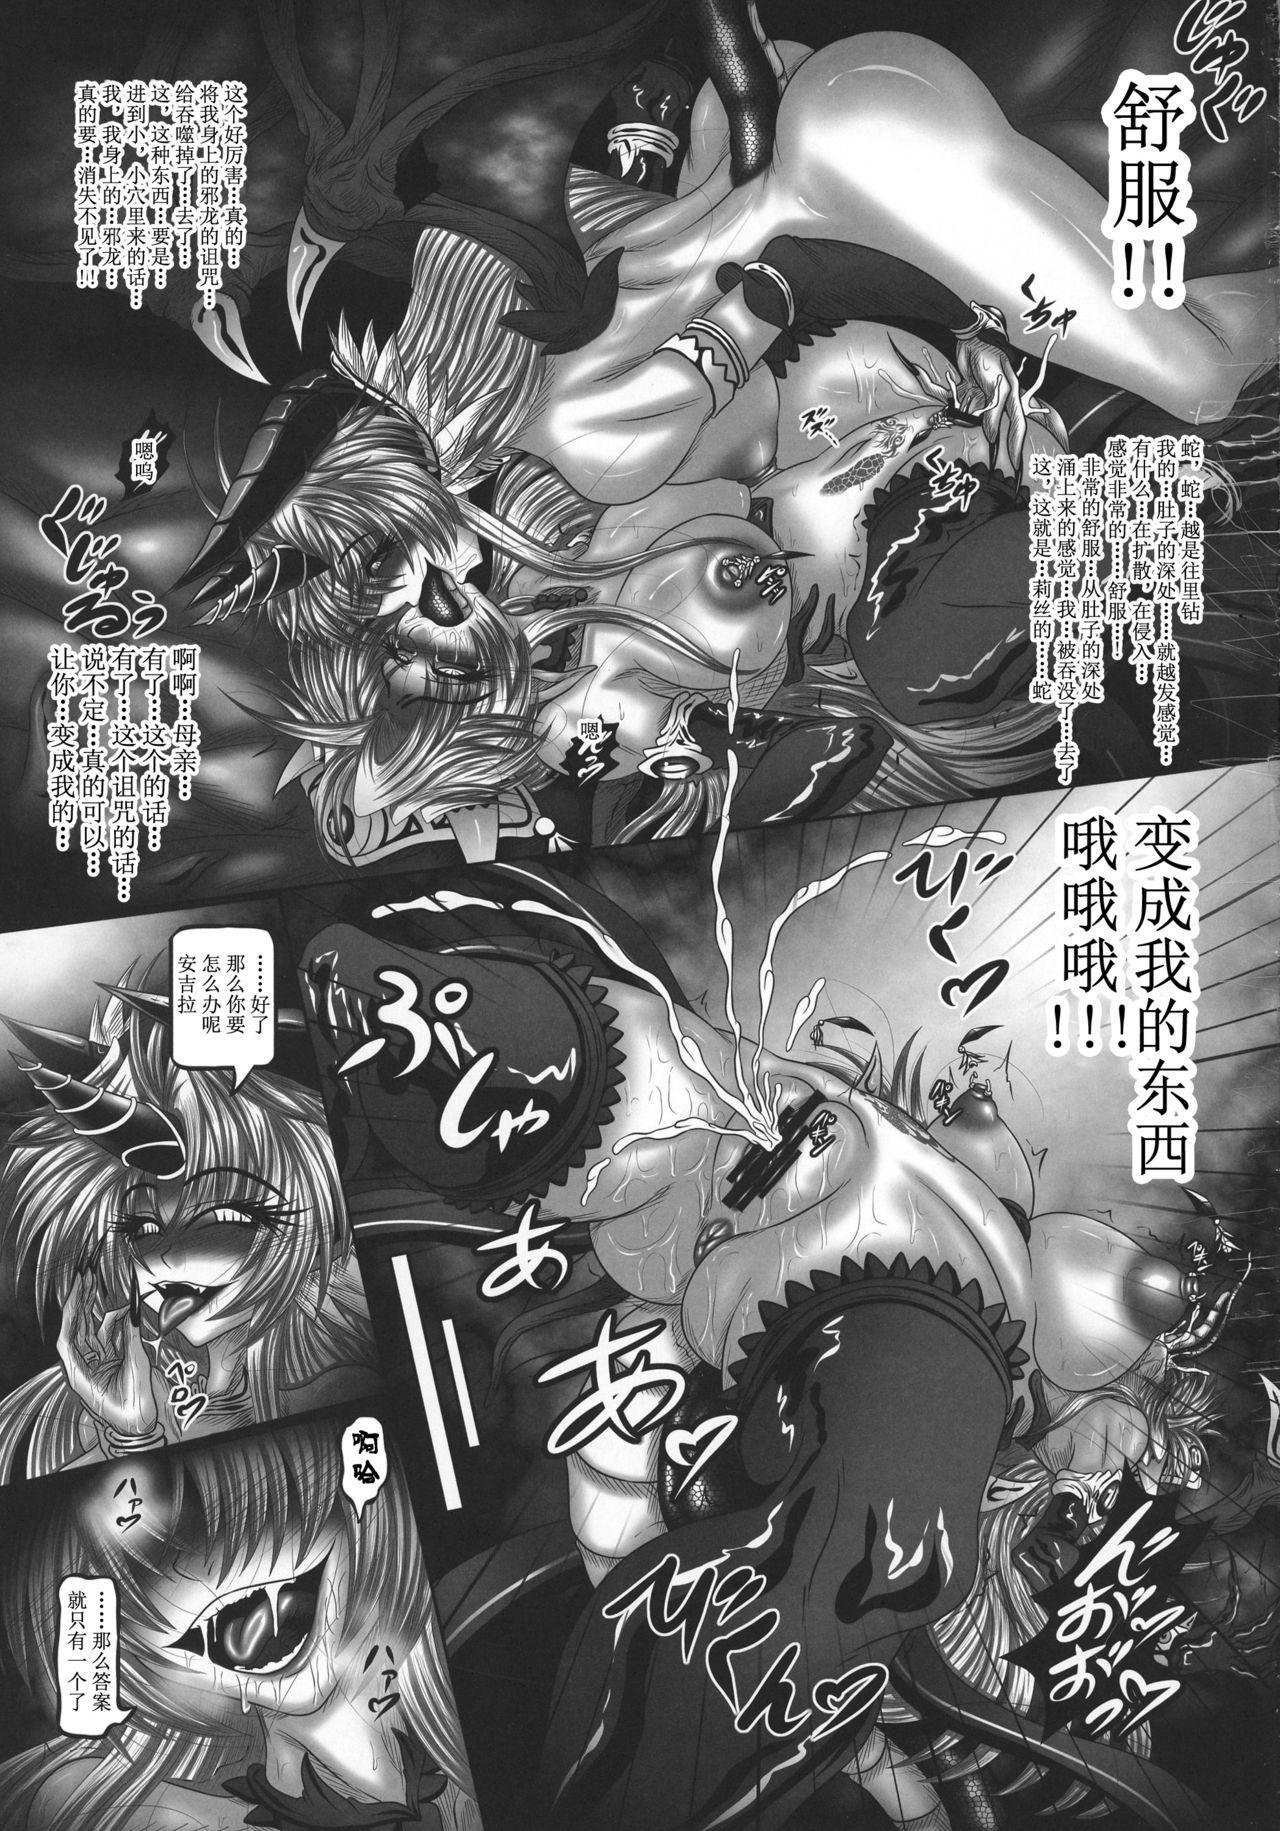 Dragon' s Fall II 24